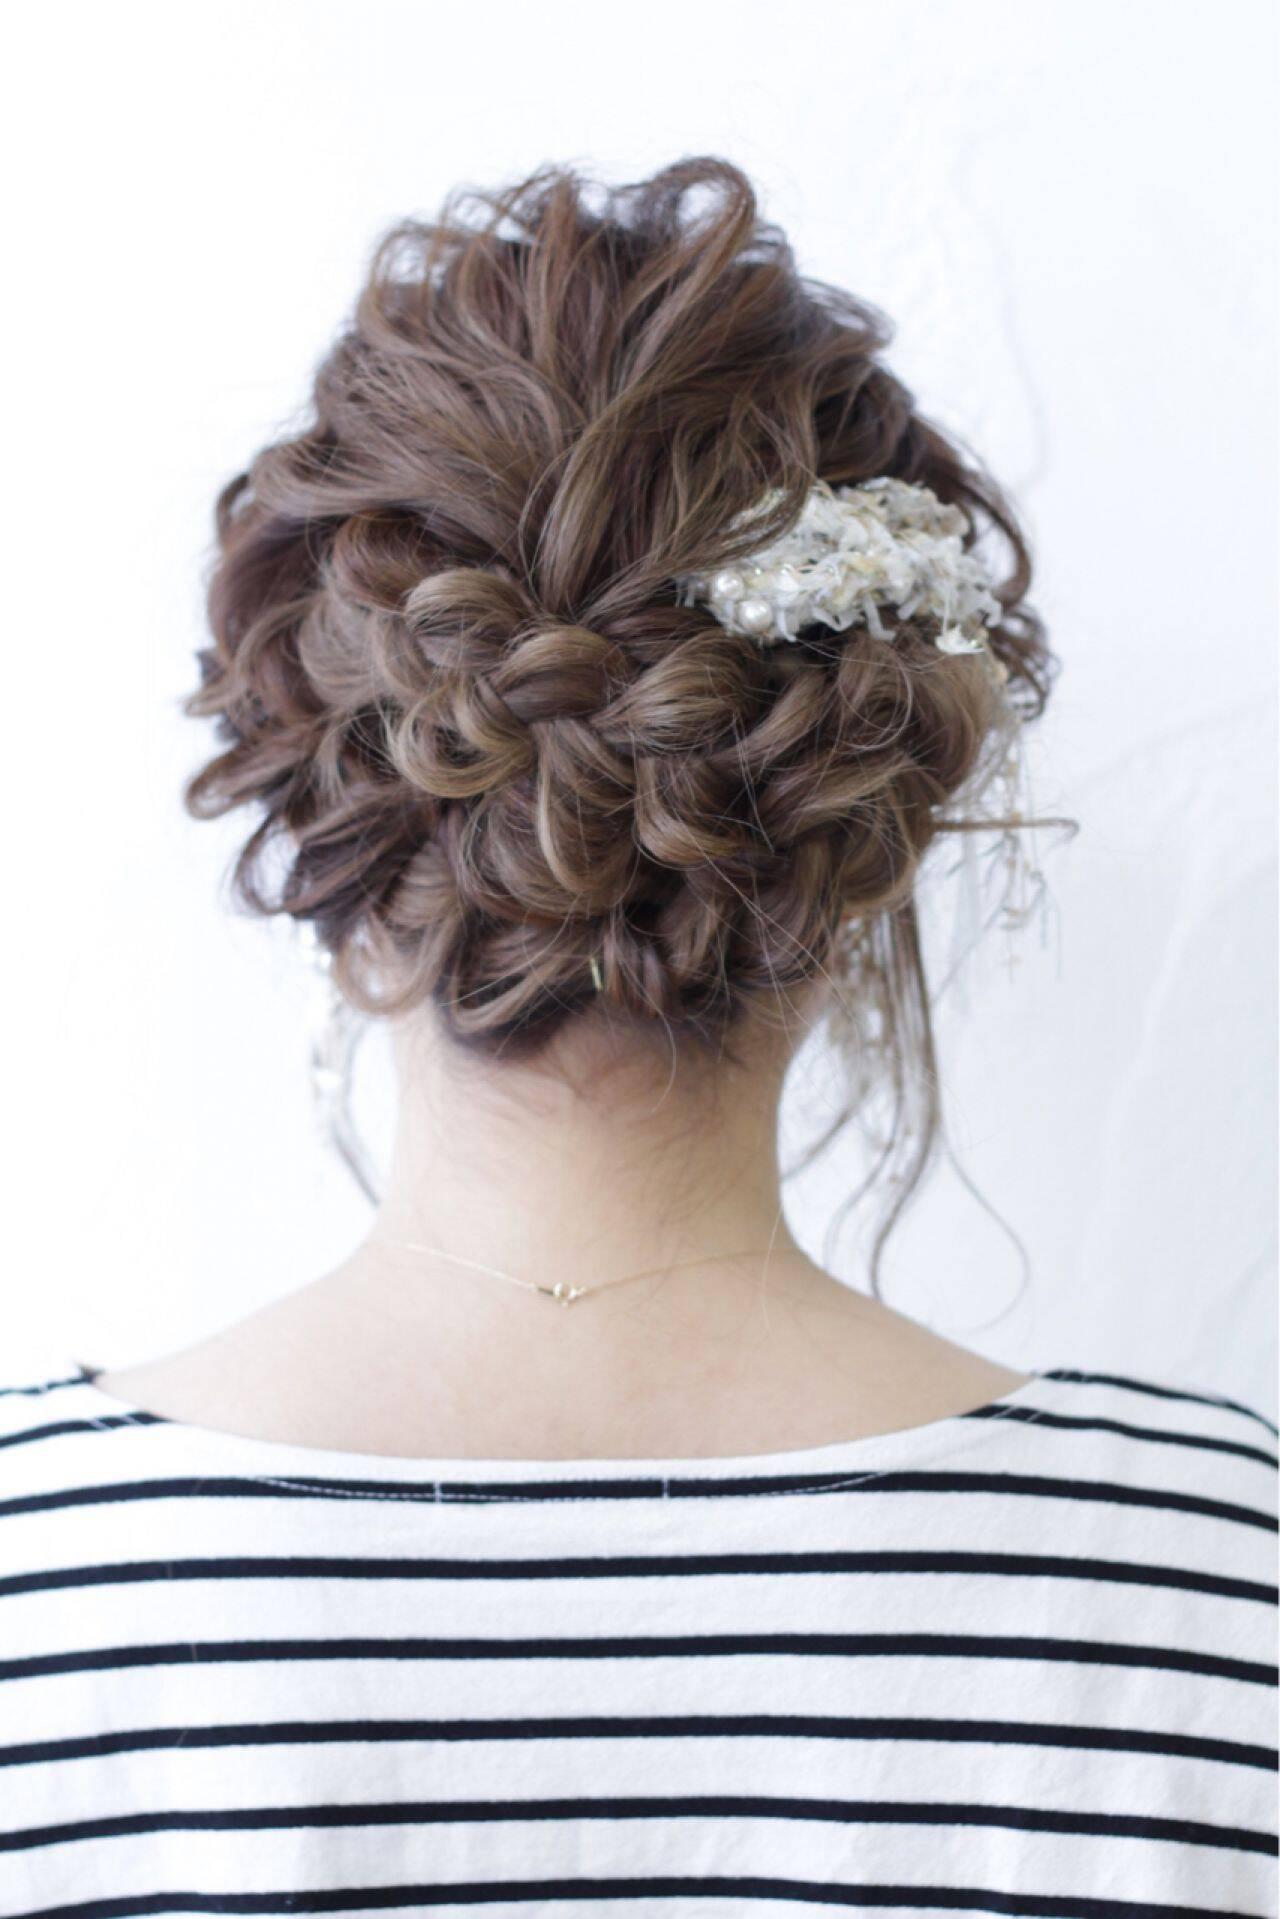 モテ髪 愛され ゆるふわ コンサバヘアスタイルや髪型の写真・画像